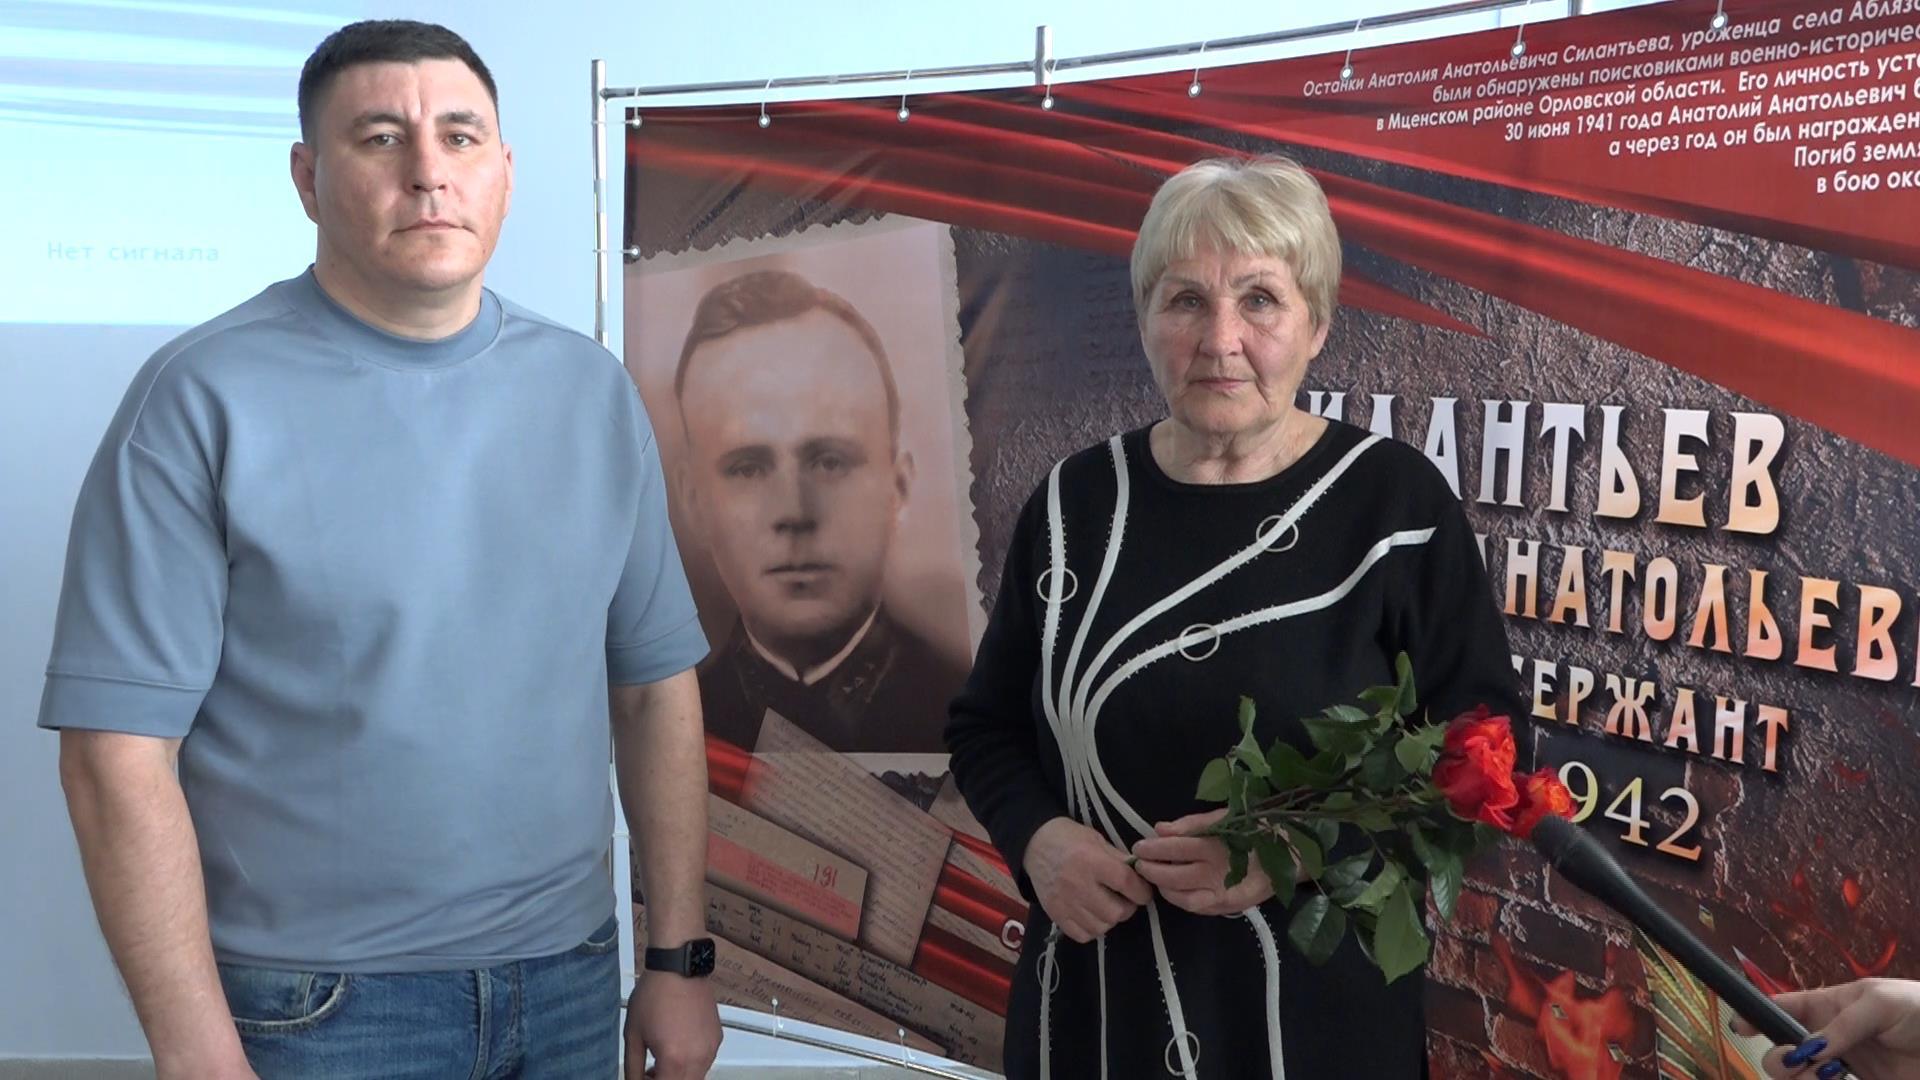 Школьники встретились с родственниками участника Великой Отечественной войны, останки которого будут перезахоронены в Кузнецке